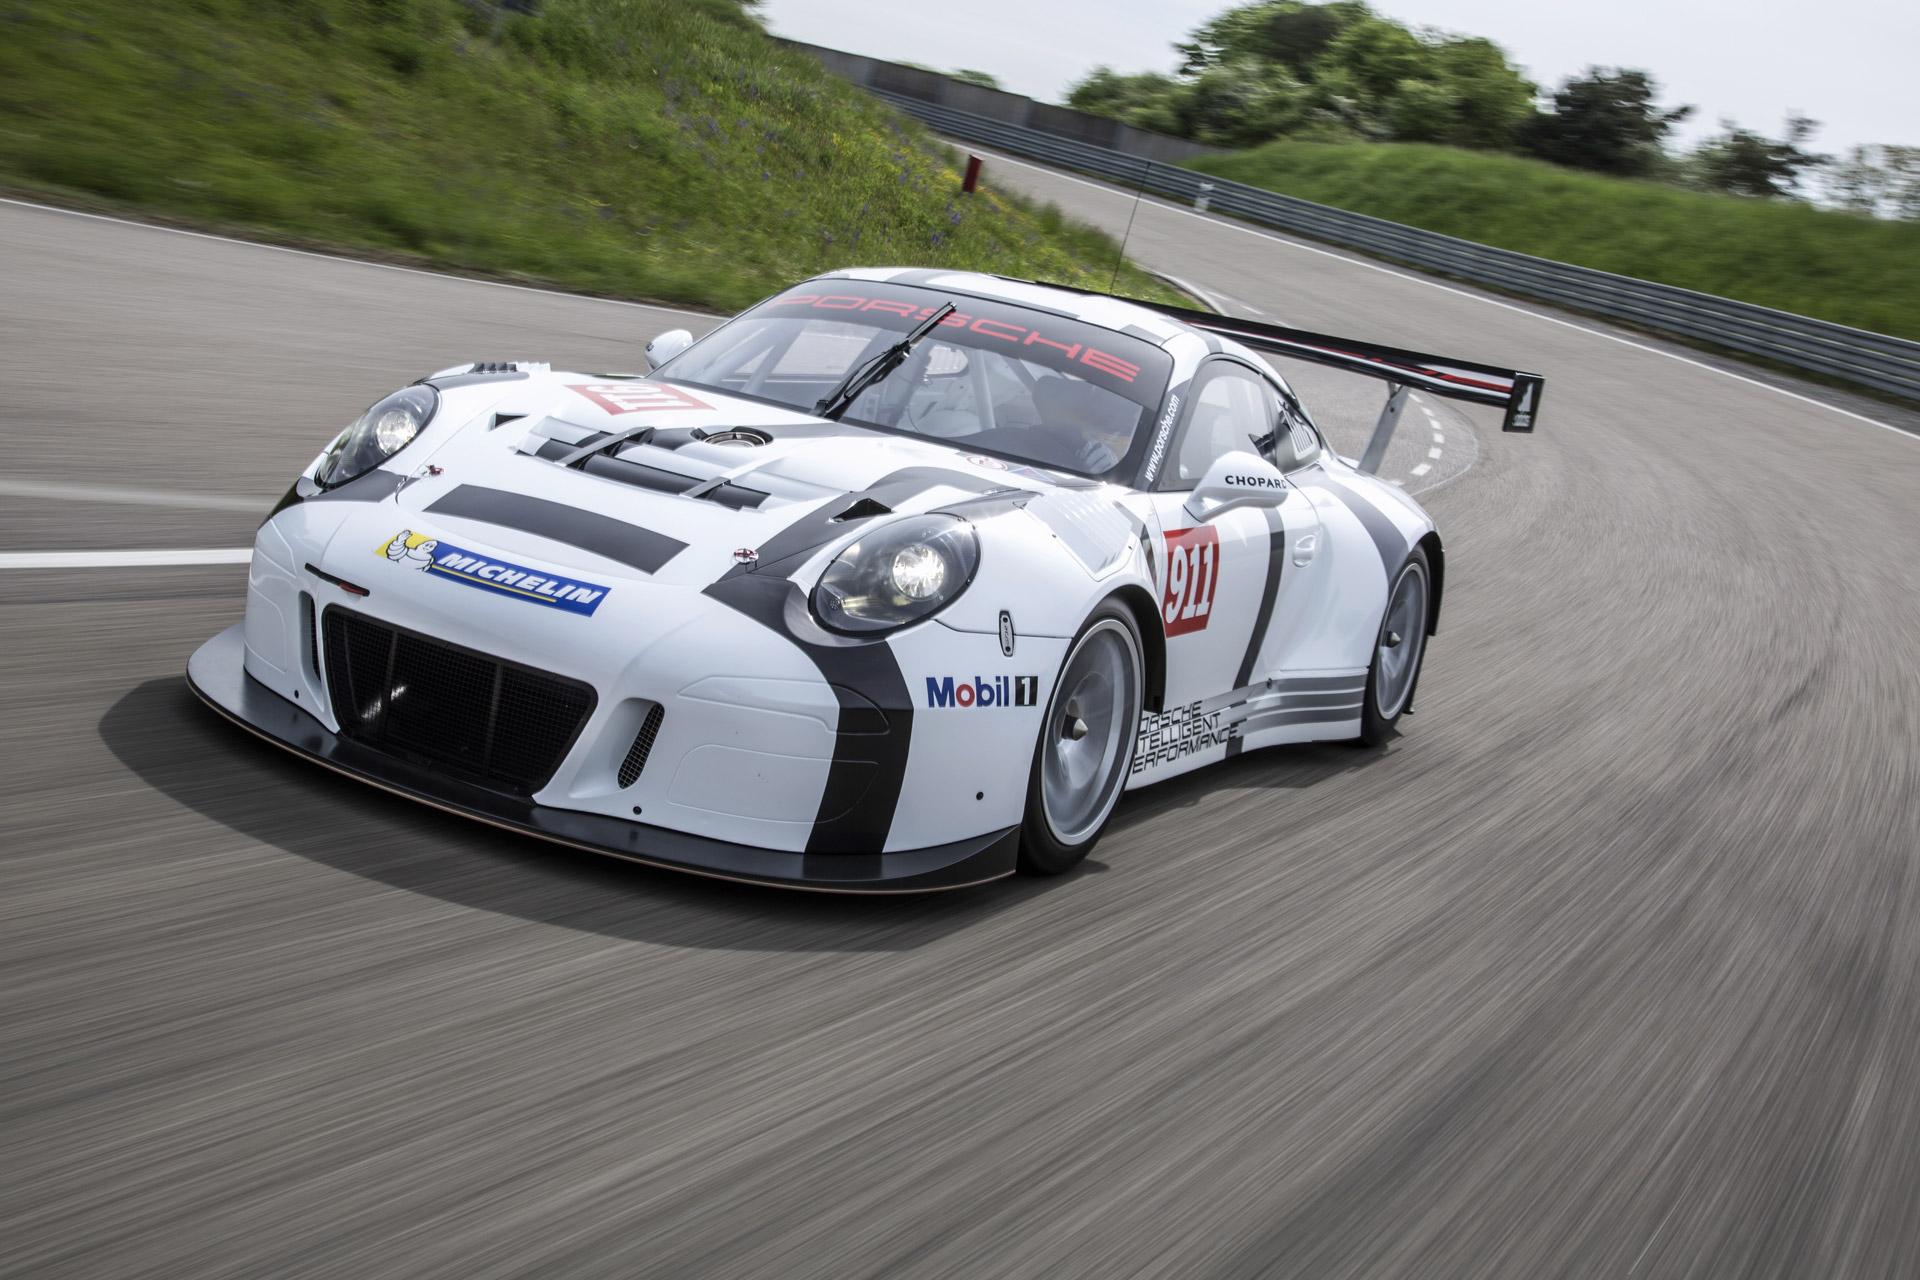 Porsche R Race Car Revealed